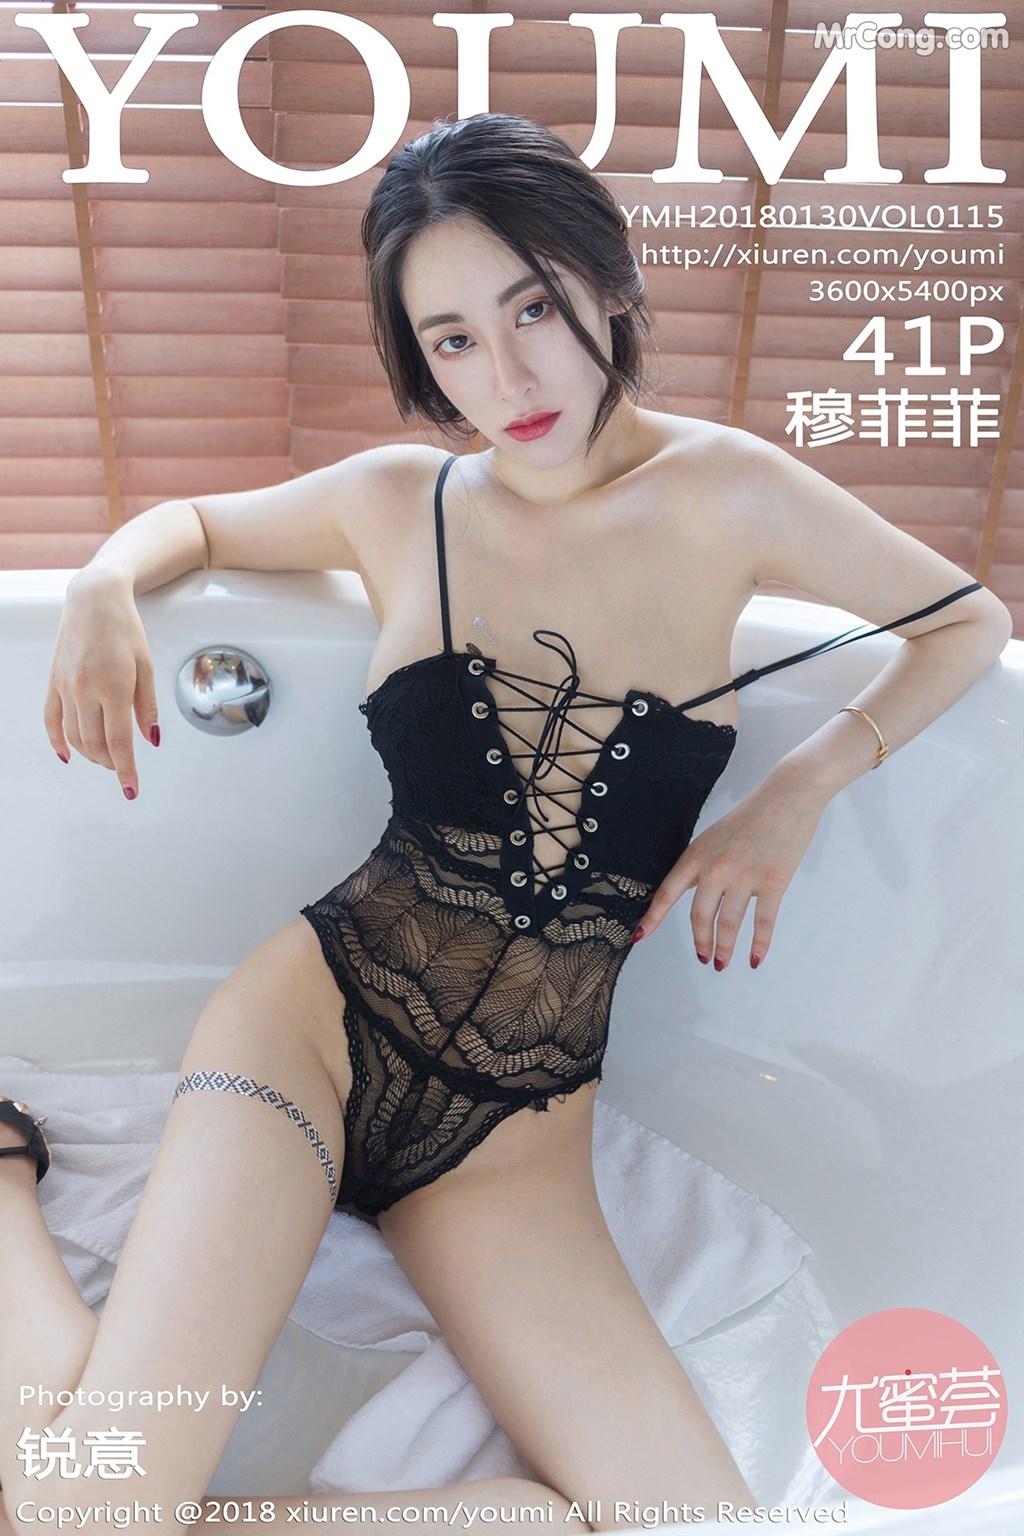 YouMi Vol.115: Người mẫu Mu Fei Fei (穆菲菲) (42 ảnh)